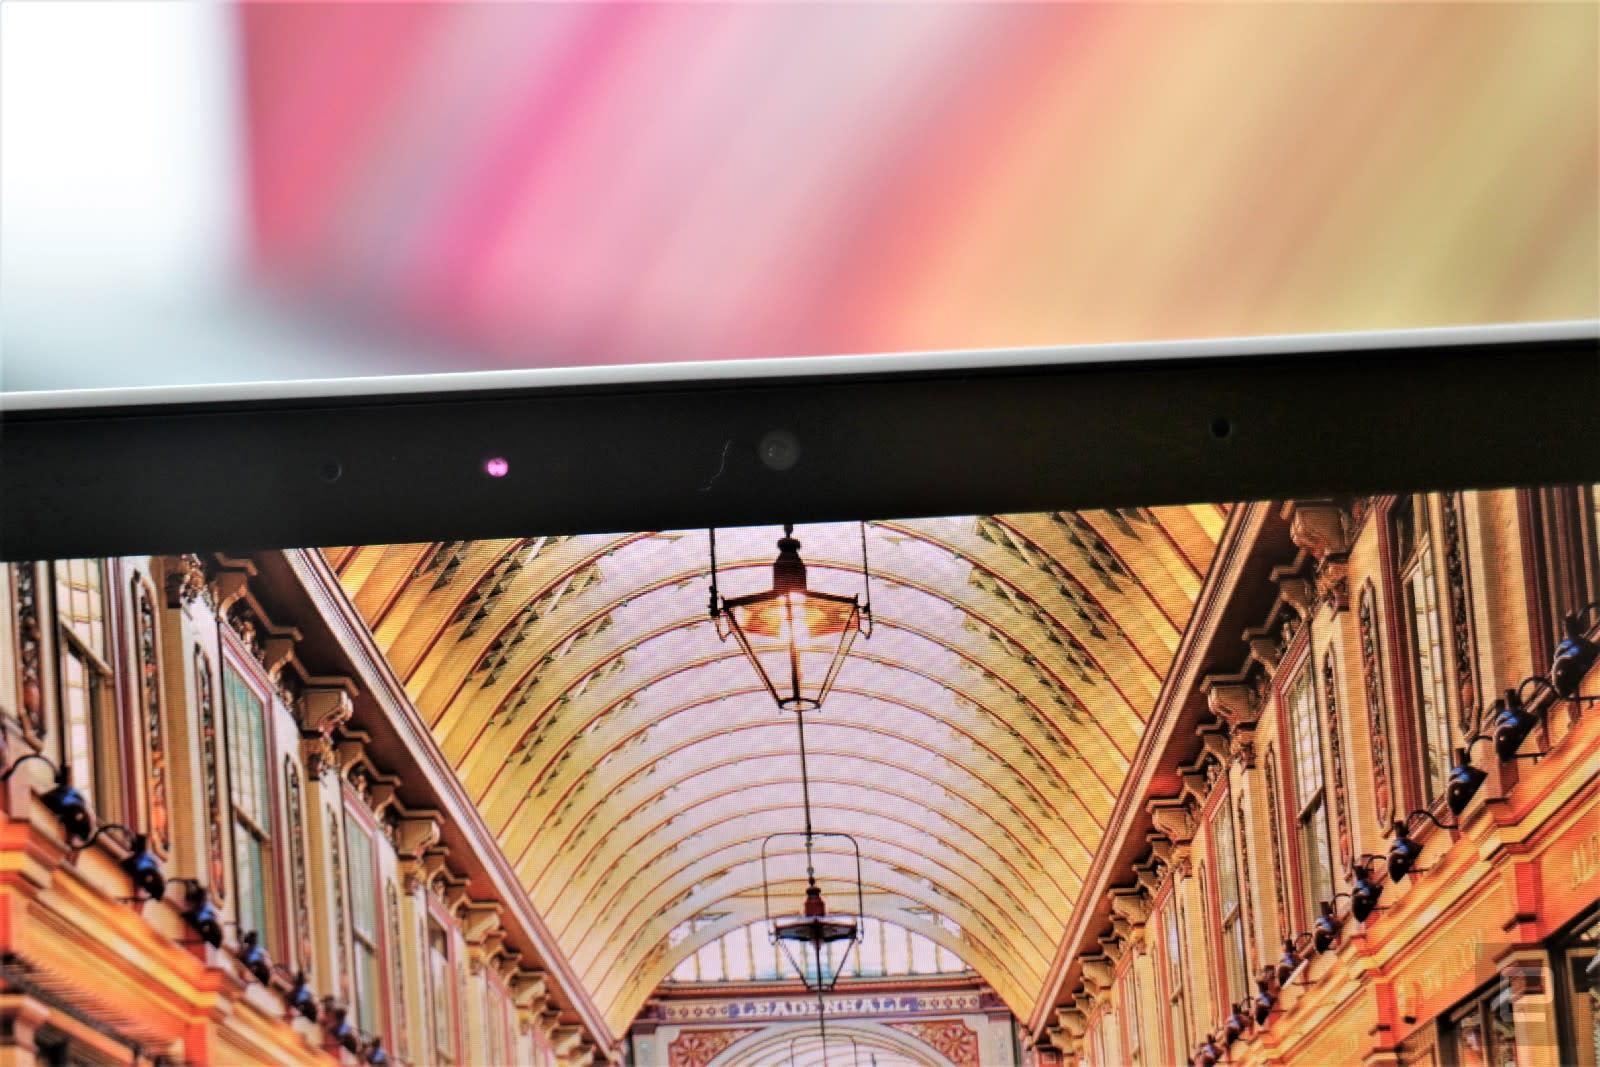 Lenovo Smart Display 7 hands-on